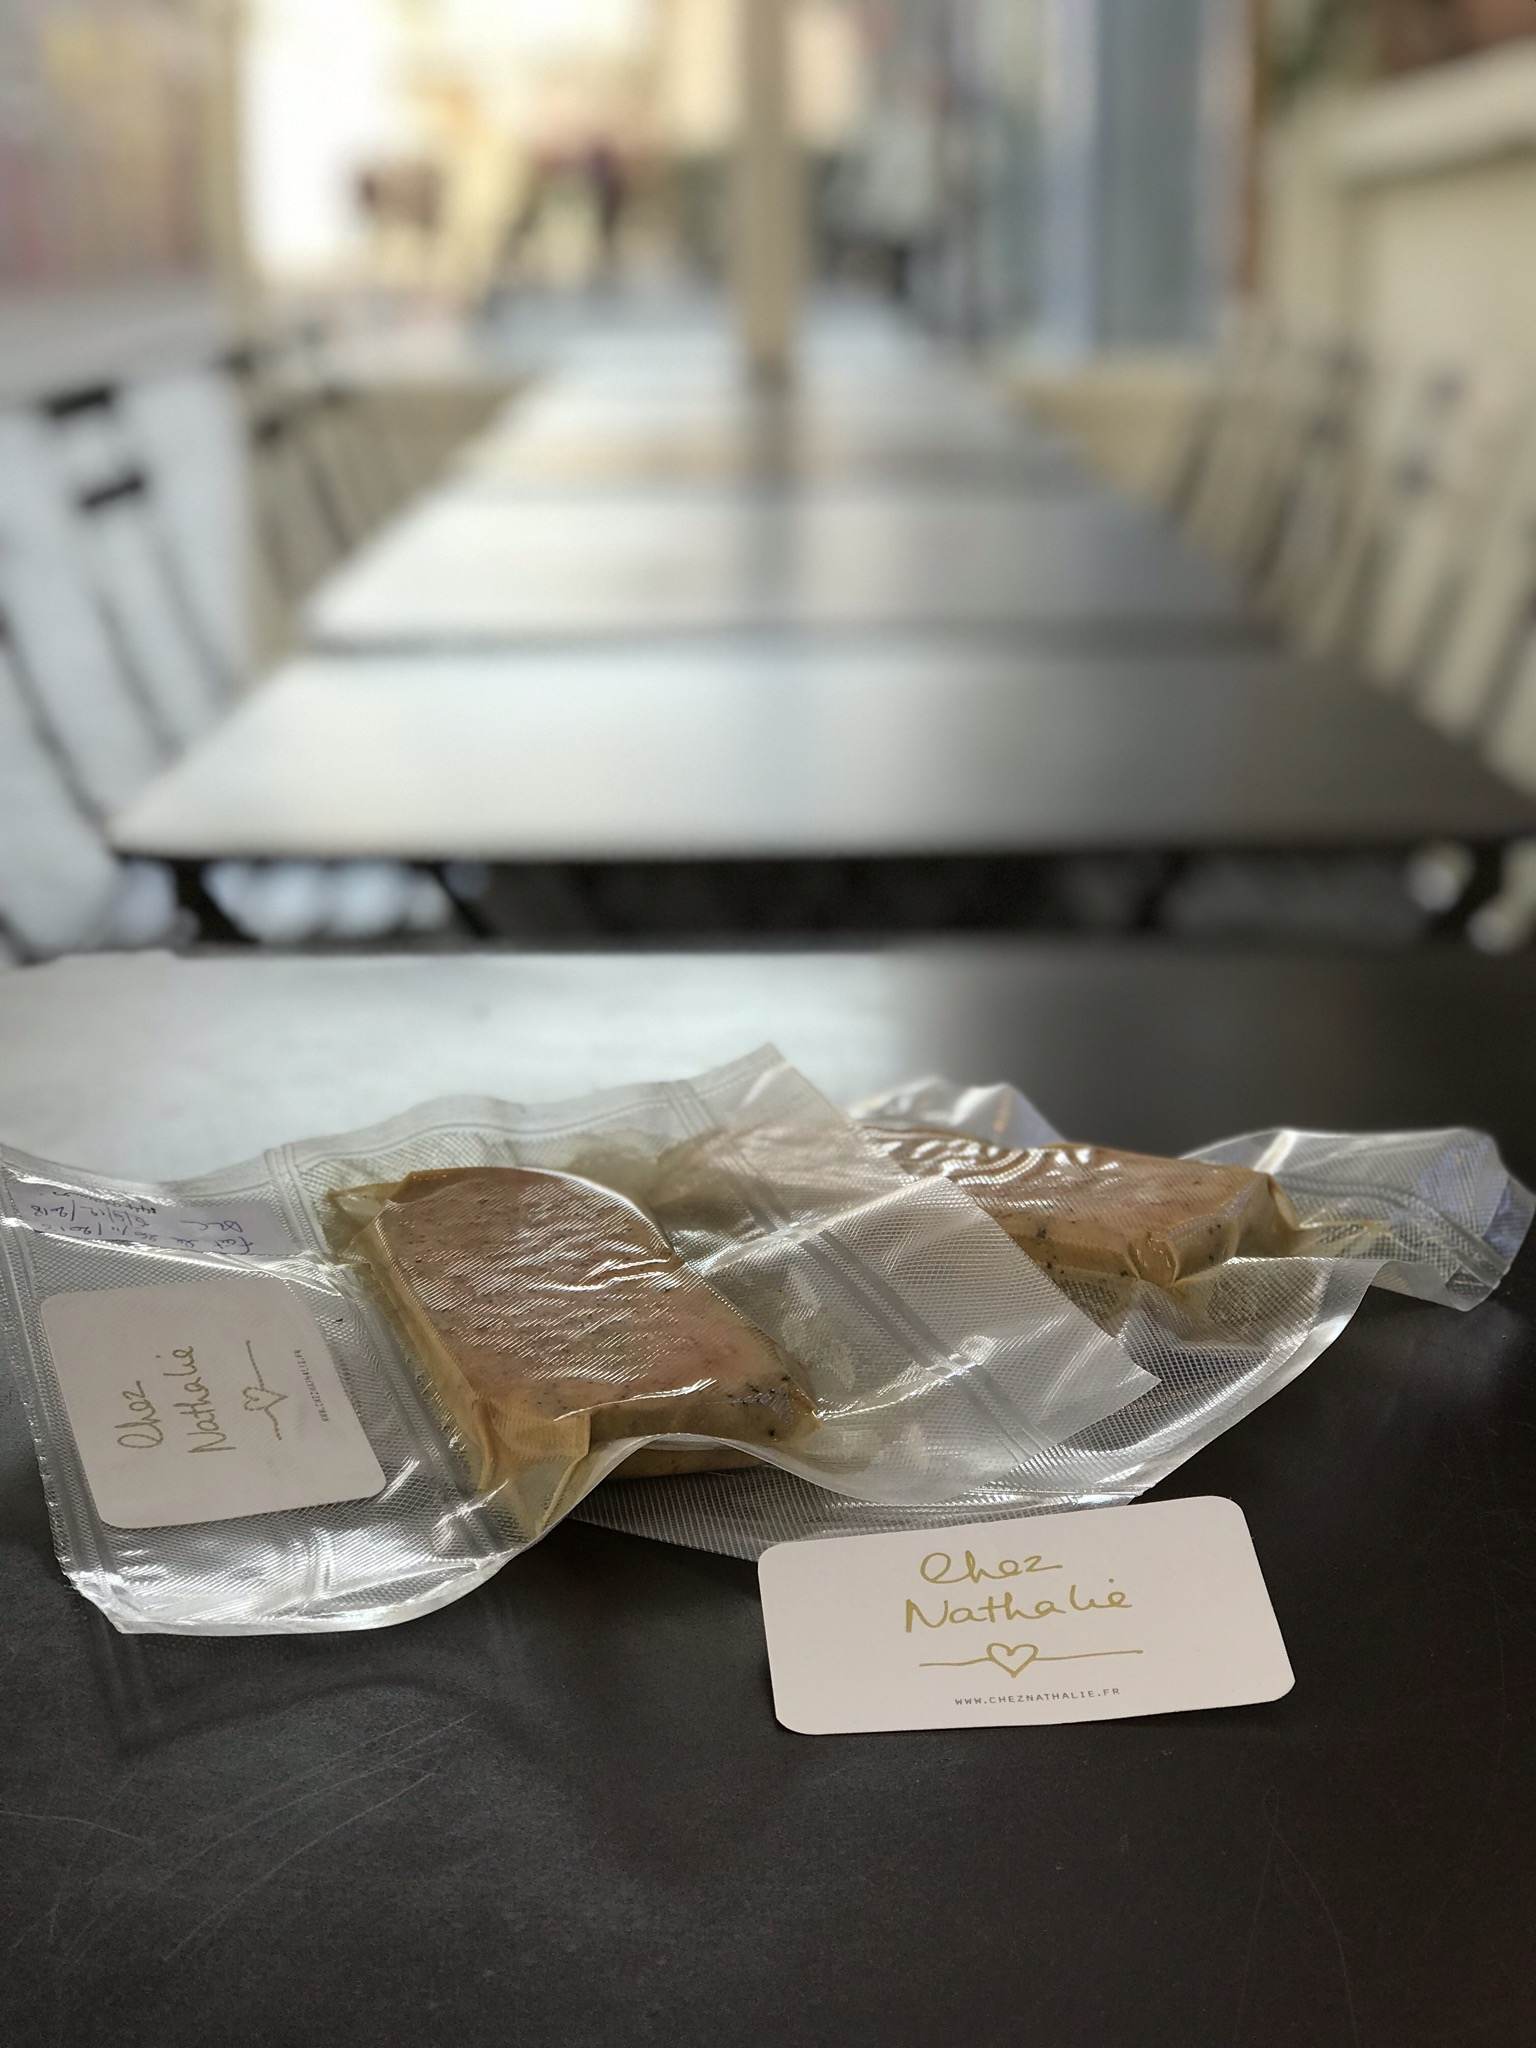 NOËL: Vente de foie gras maison Chez Nathalie